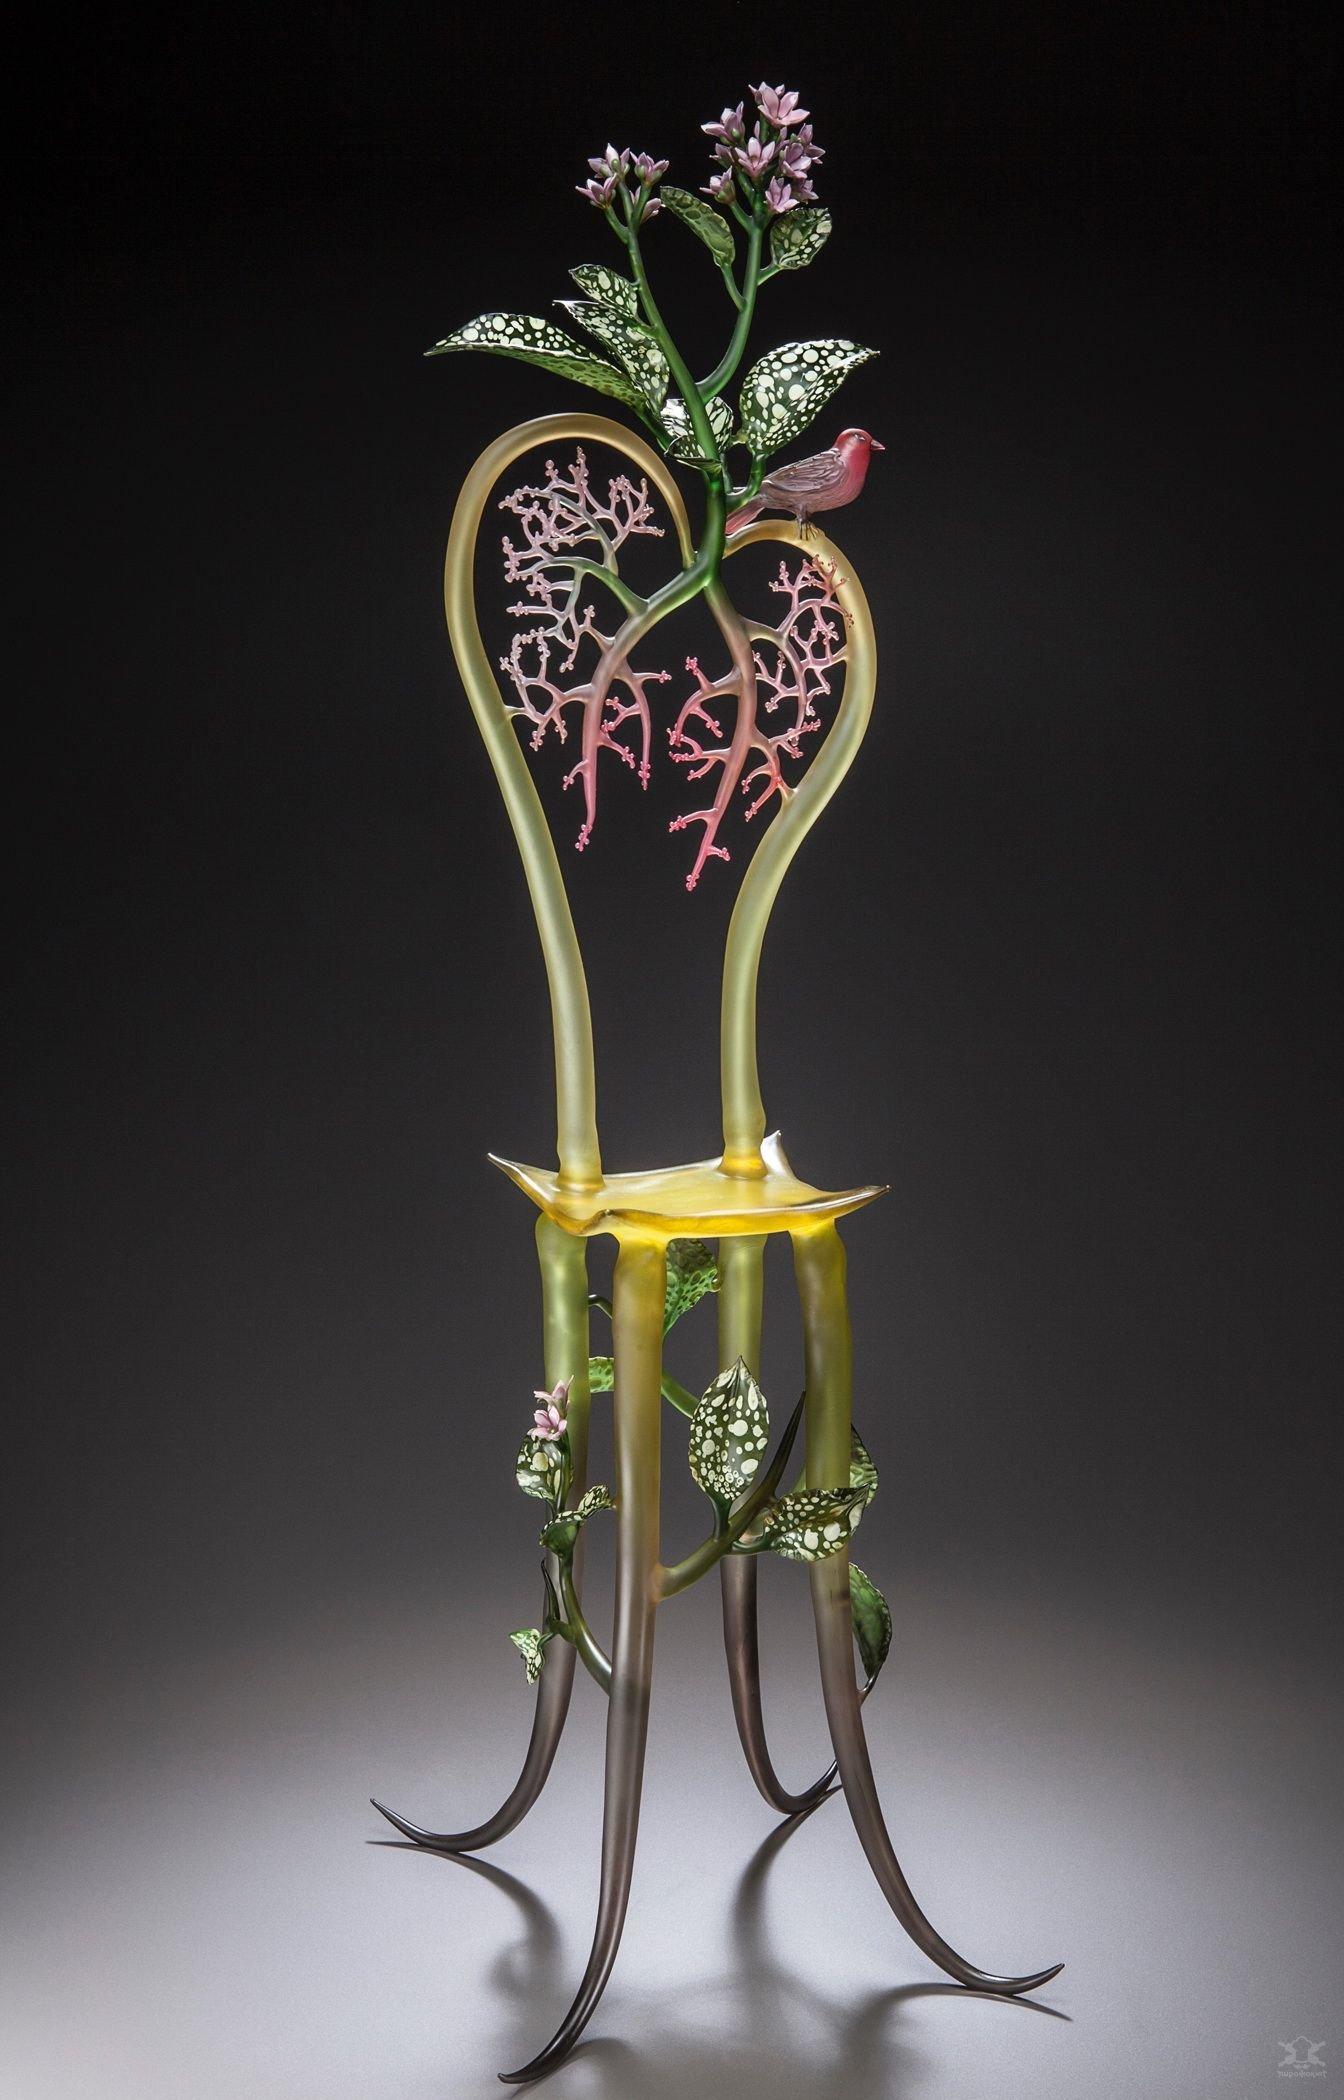 Невероятно сложные стеклянные скульптуры Дженис Милтенбергер